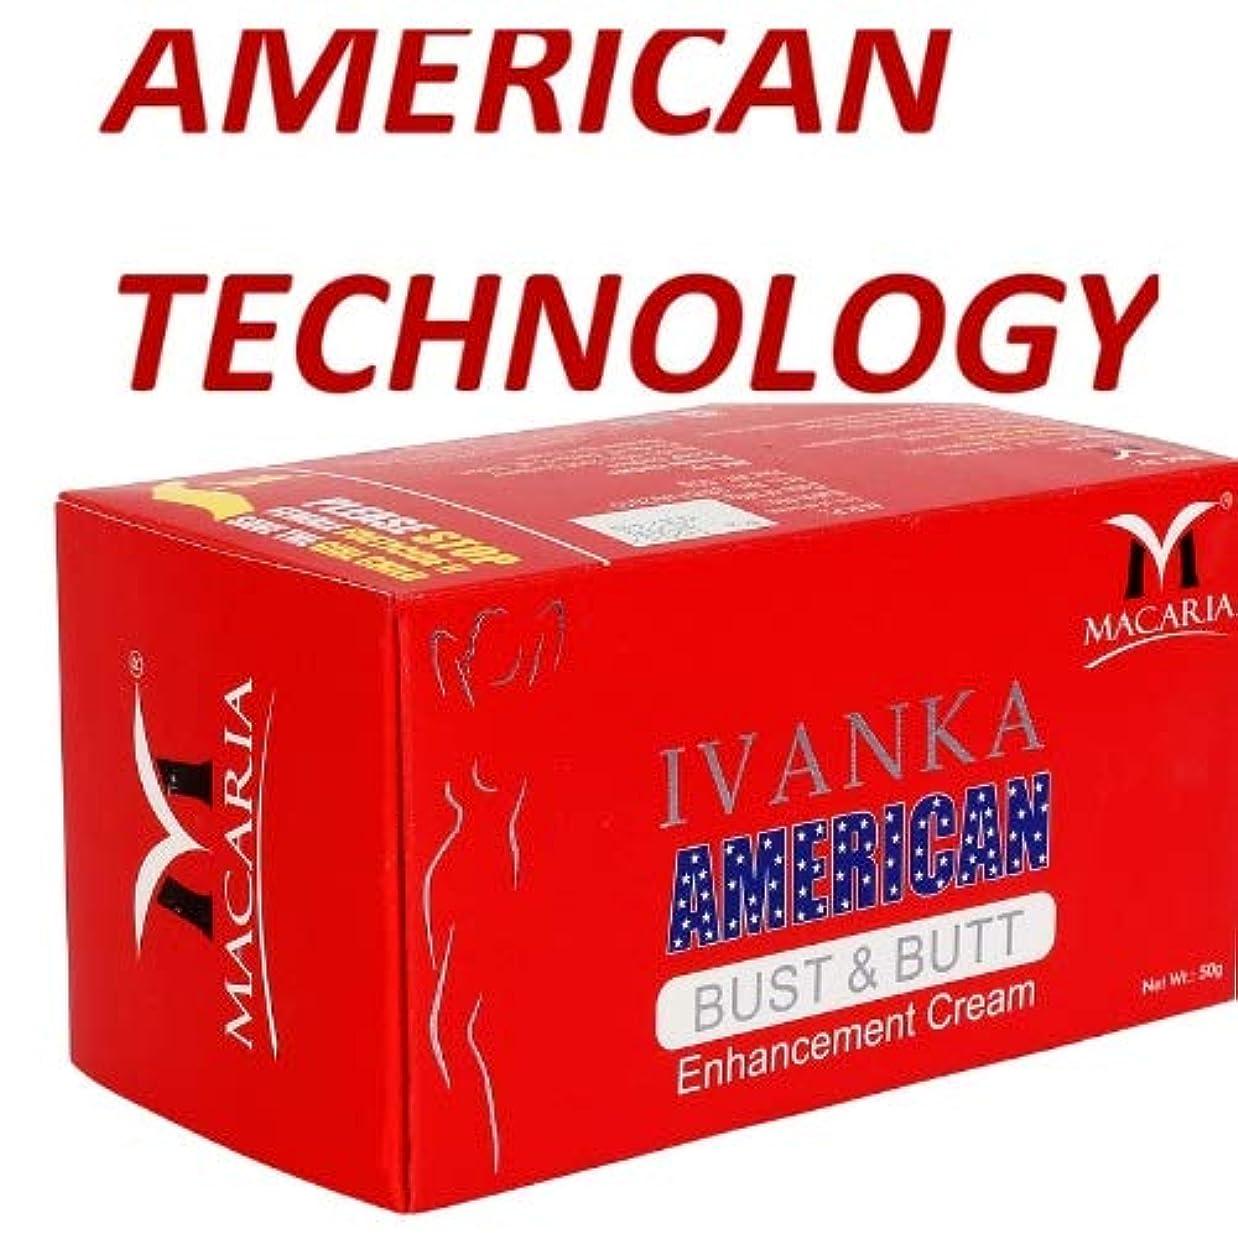 授業料千買い手SEXY FIGURE CREAM WITH AMERCIAN TECHNOLOGY